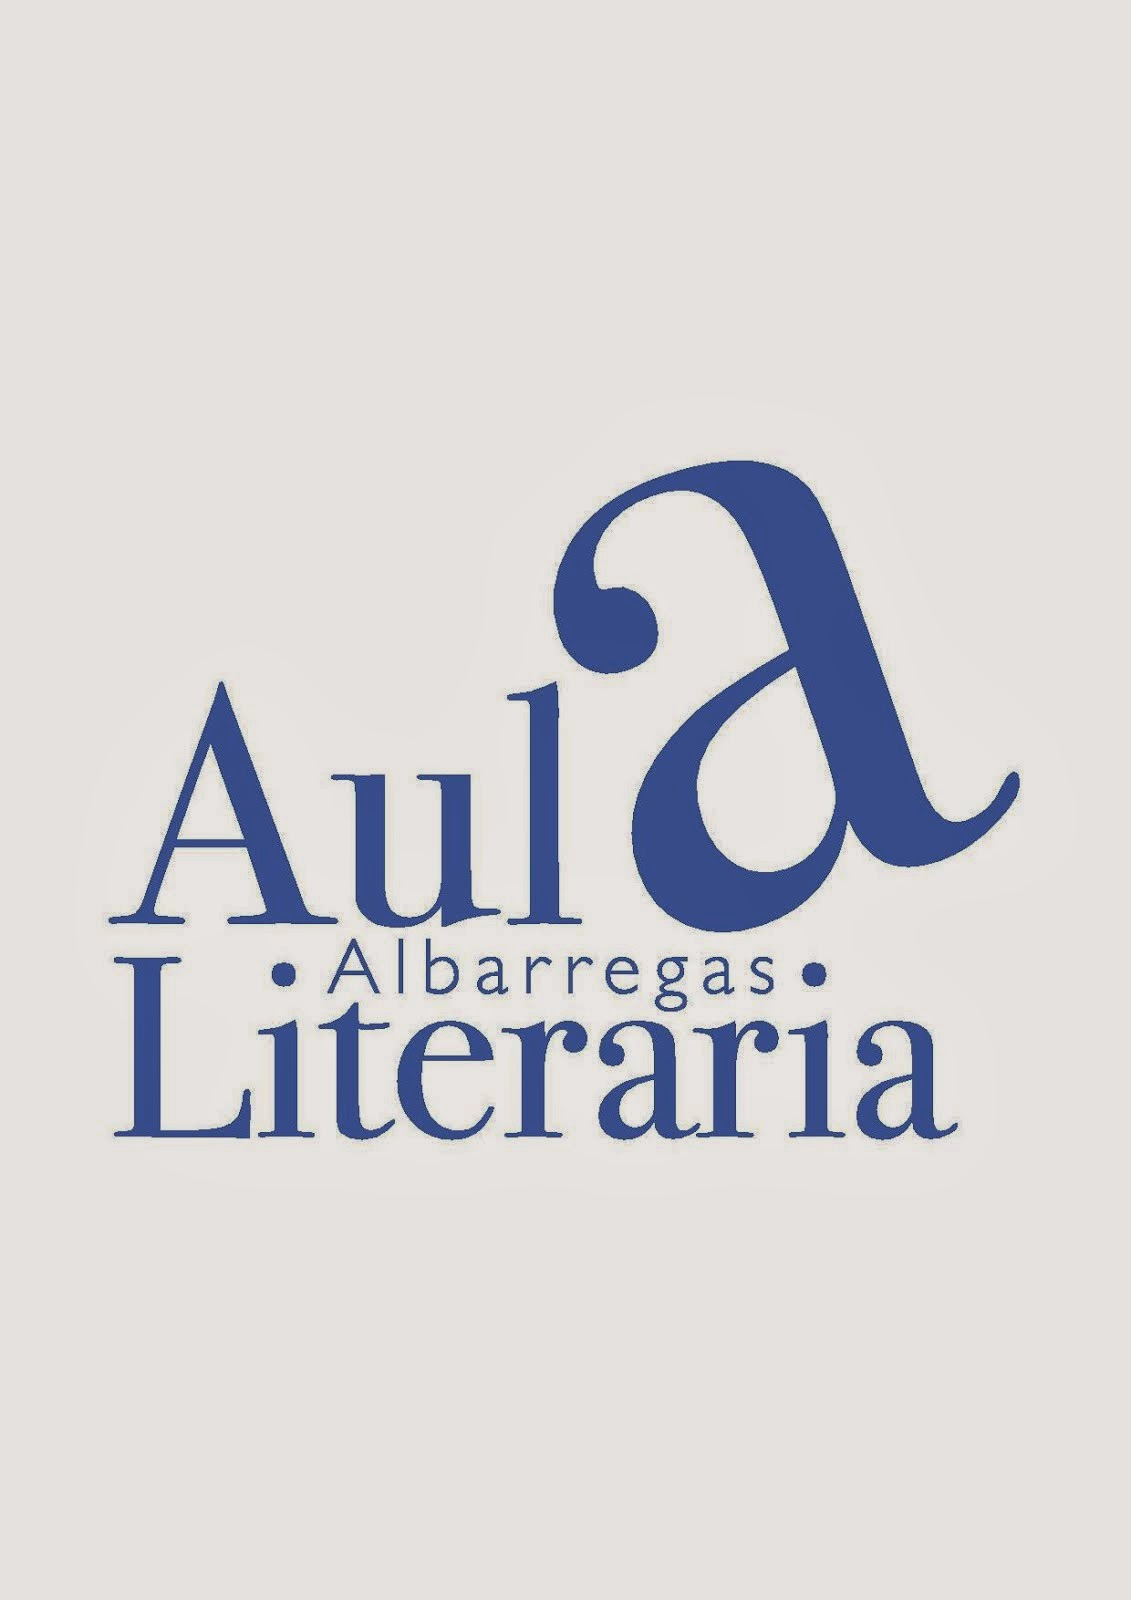 Logotipo del aula. Diseño de Ramón Garrido.